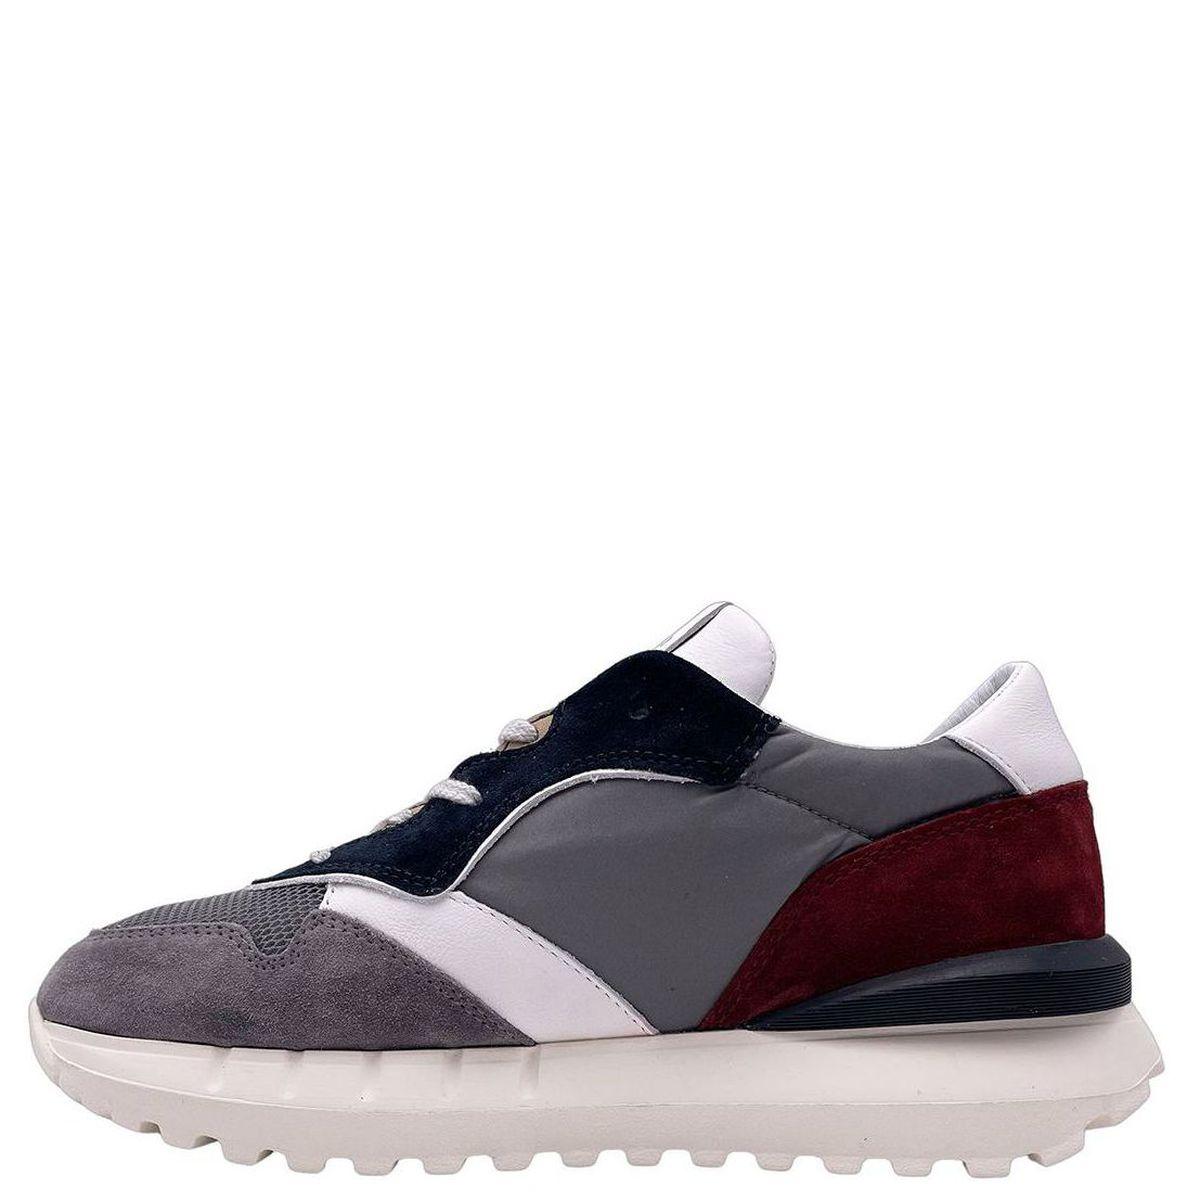 1. Sneakers running modello luna in grigio D.A.T.E Grigio D.A.T.E.